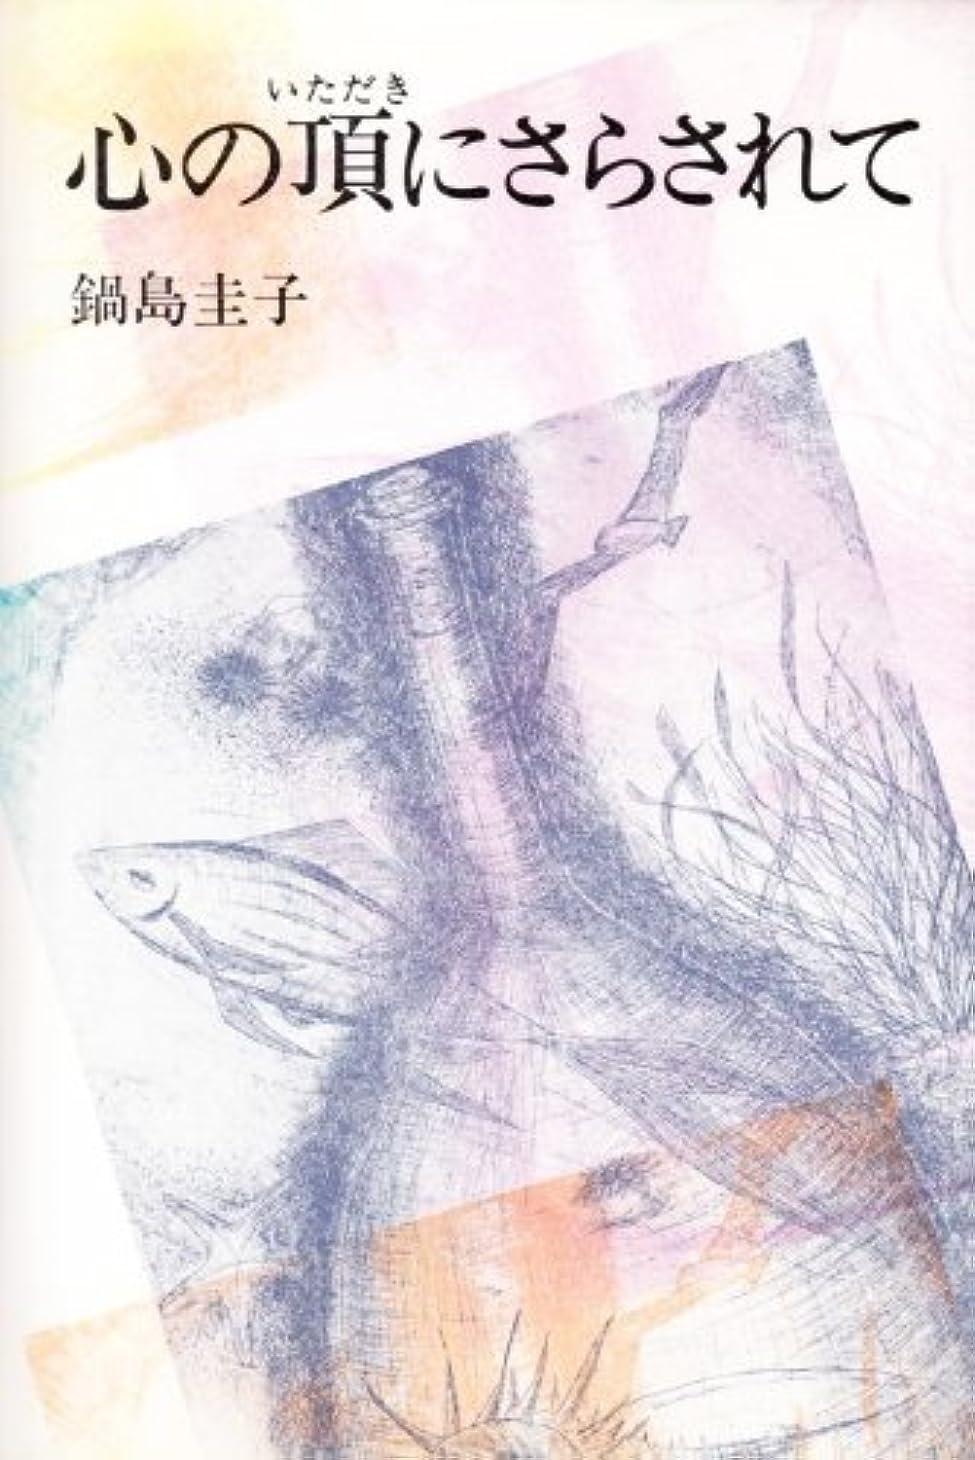 見ましたペンス変換するカイワレ族の偏差値日記 (文春文庫)